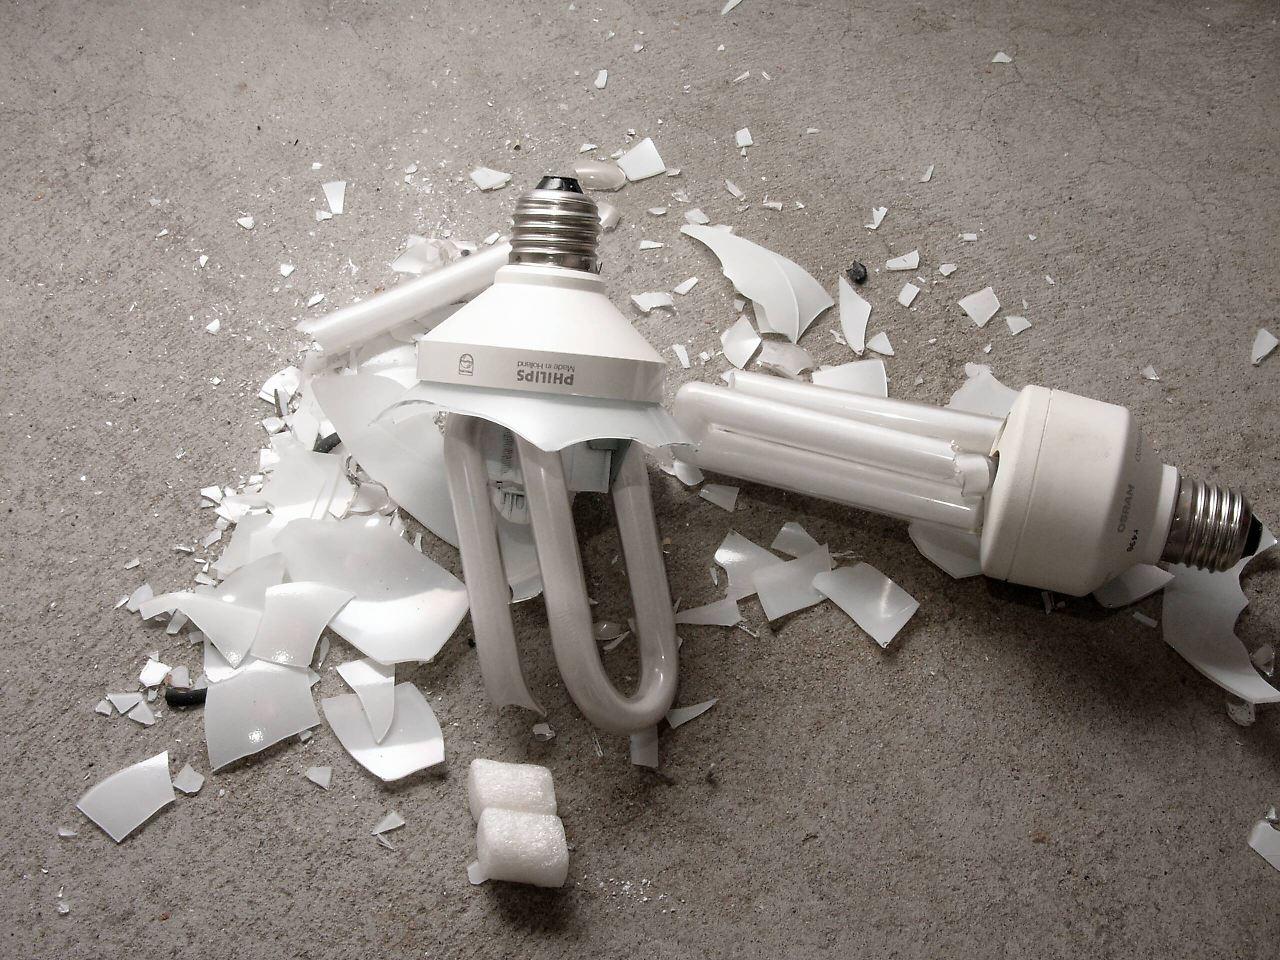 erhellendes bgh urteil lampen mit viel quecksilber bleiben verboten n. Black Bedroom Furniture Sets. Home Design Ideas